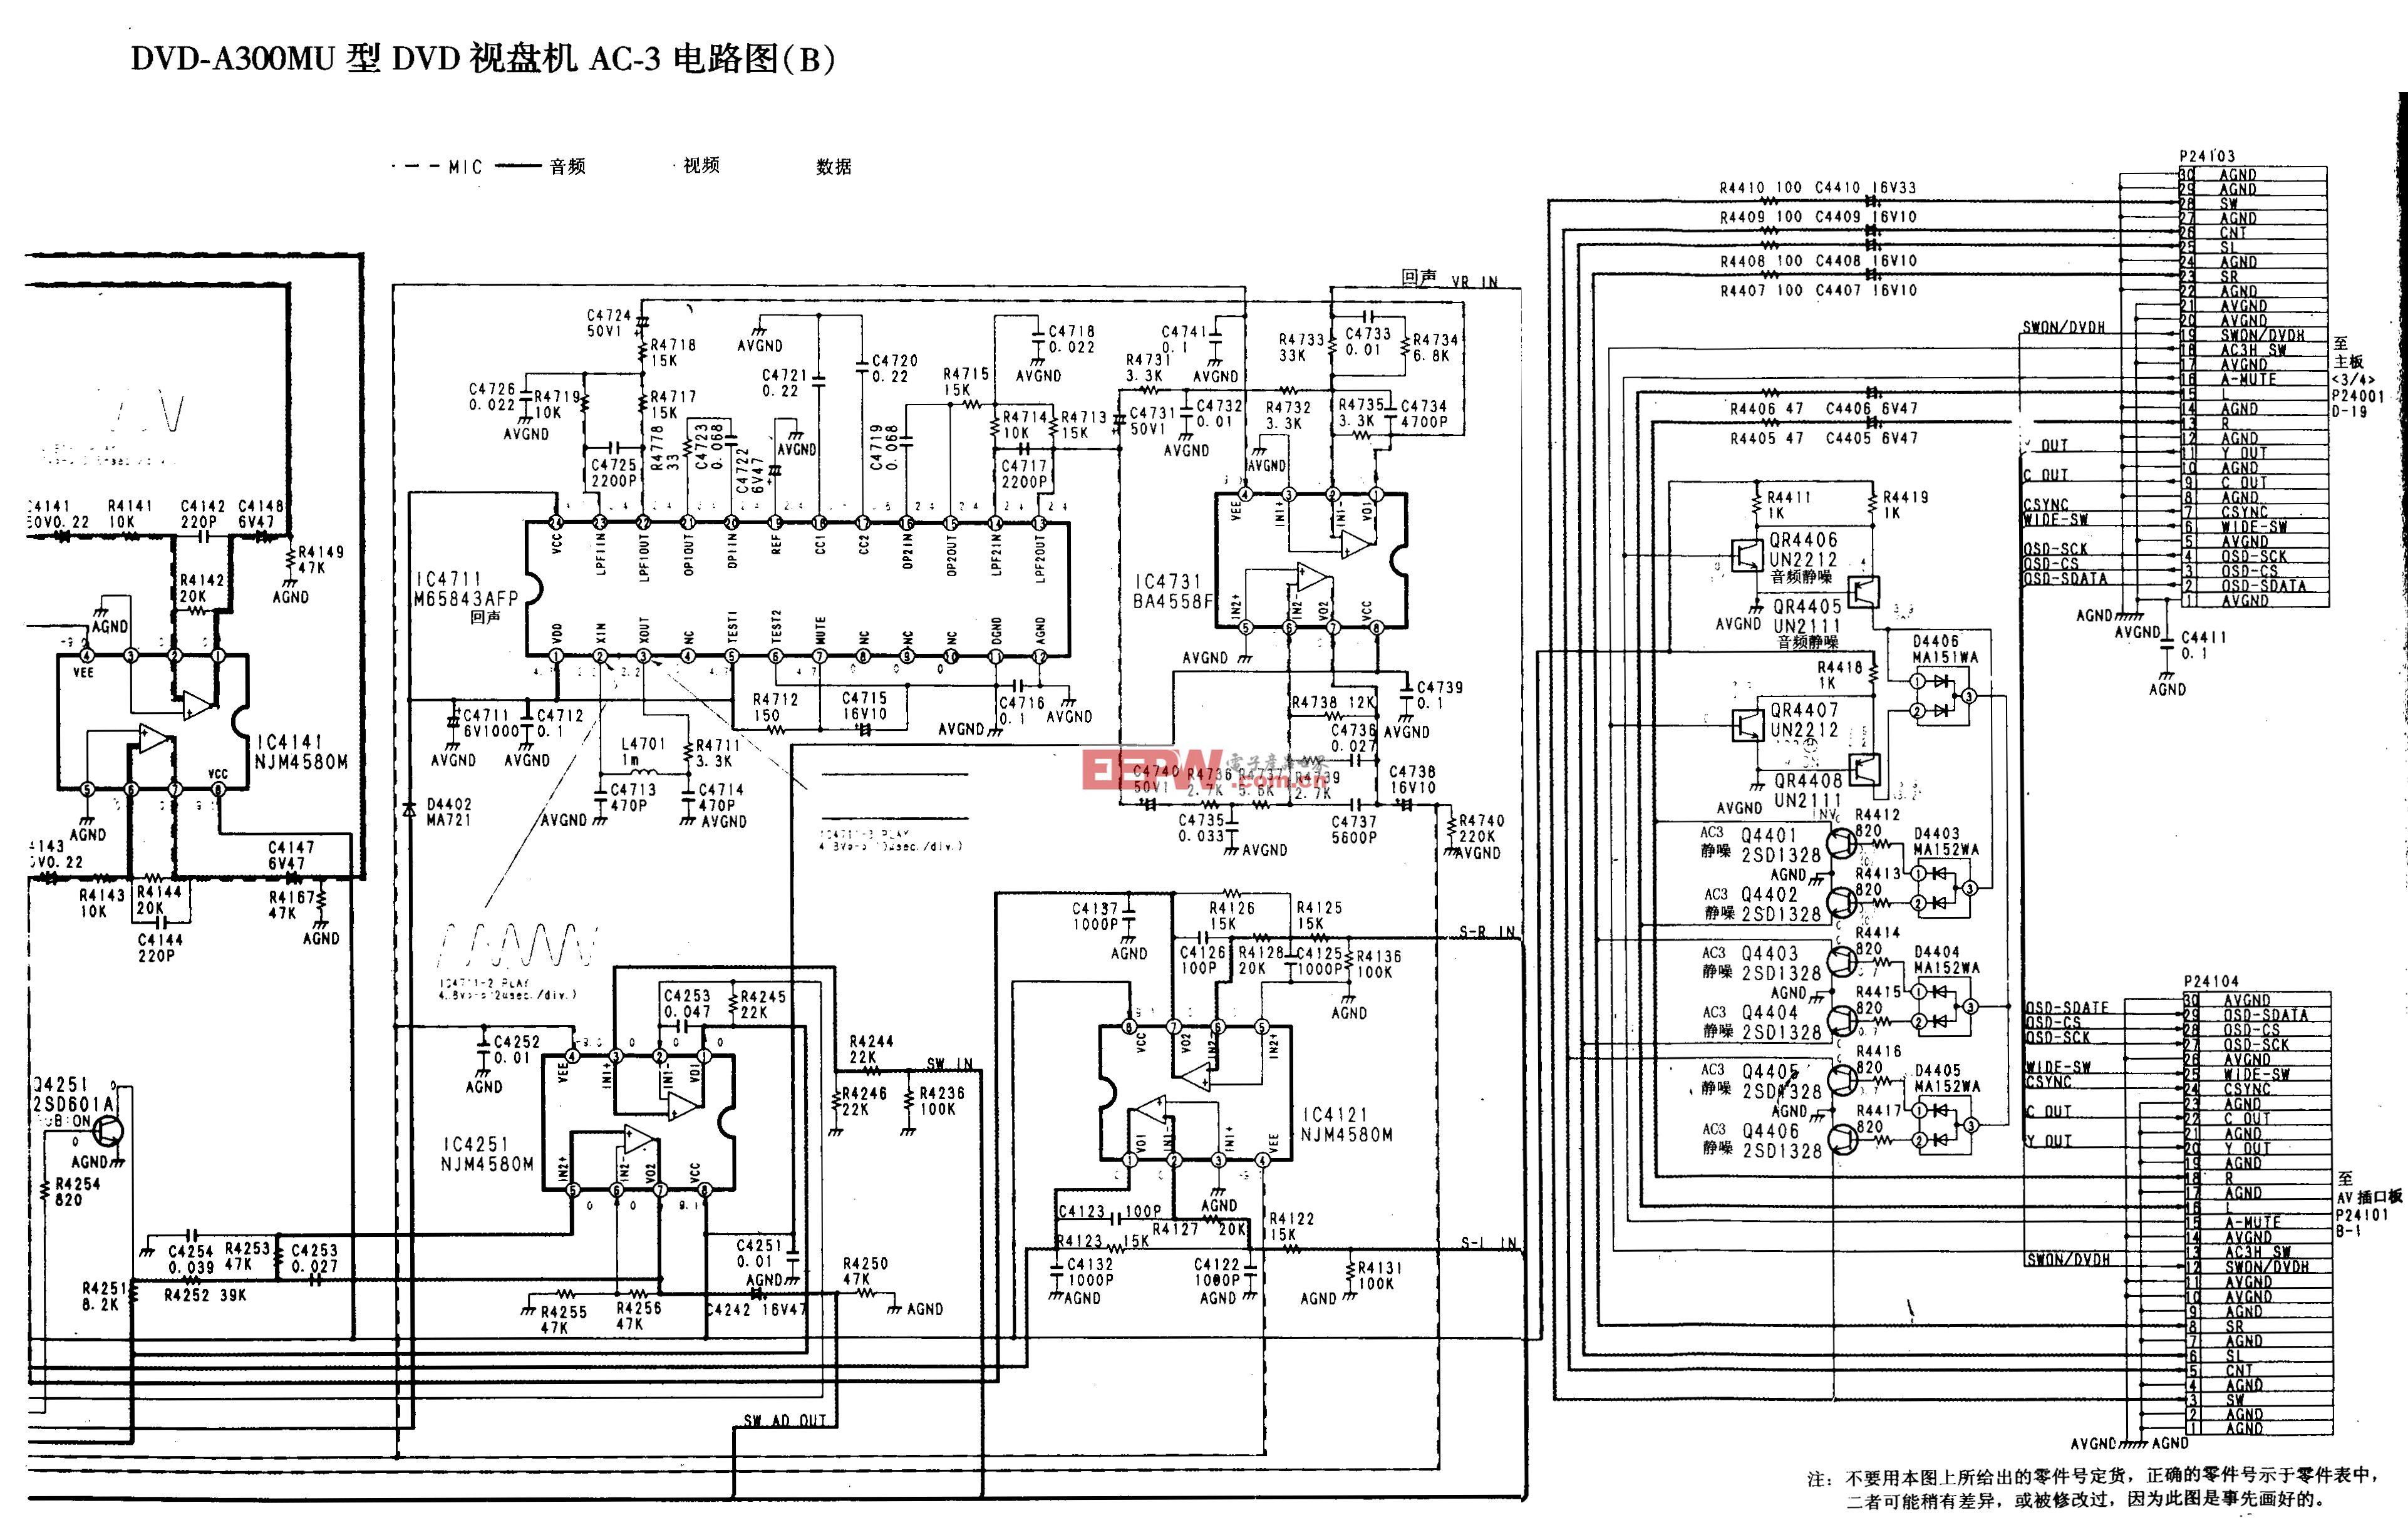 松下DVD-A300MU型DVD-AC-3电路图B